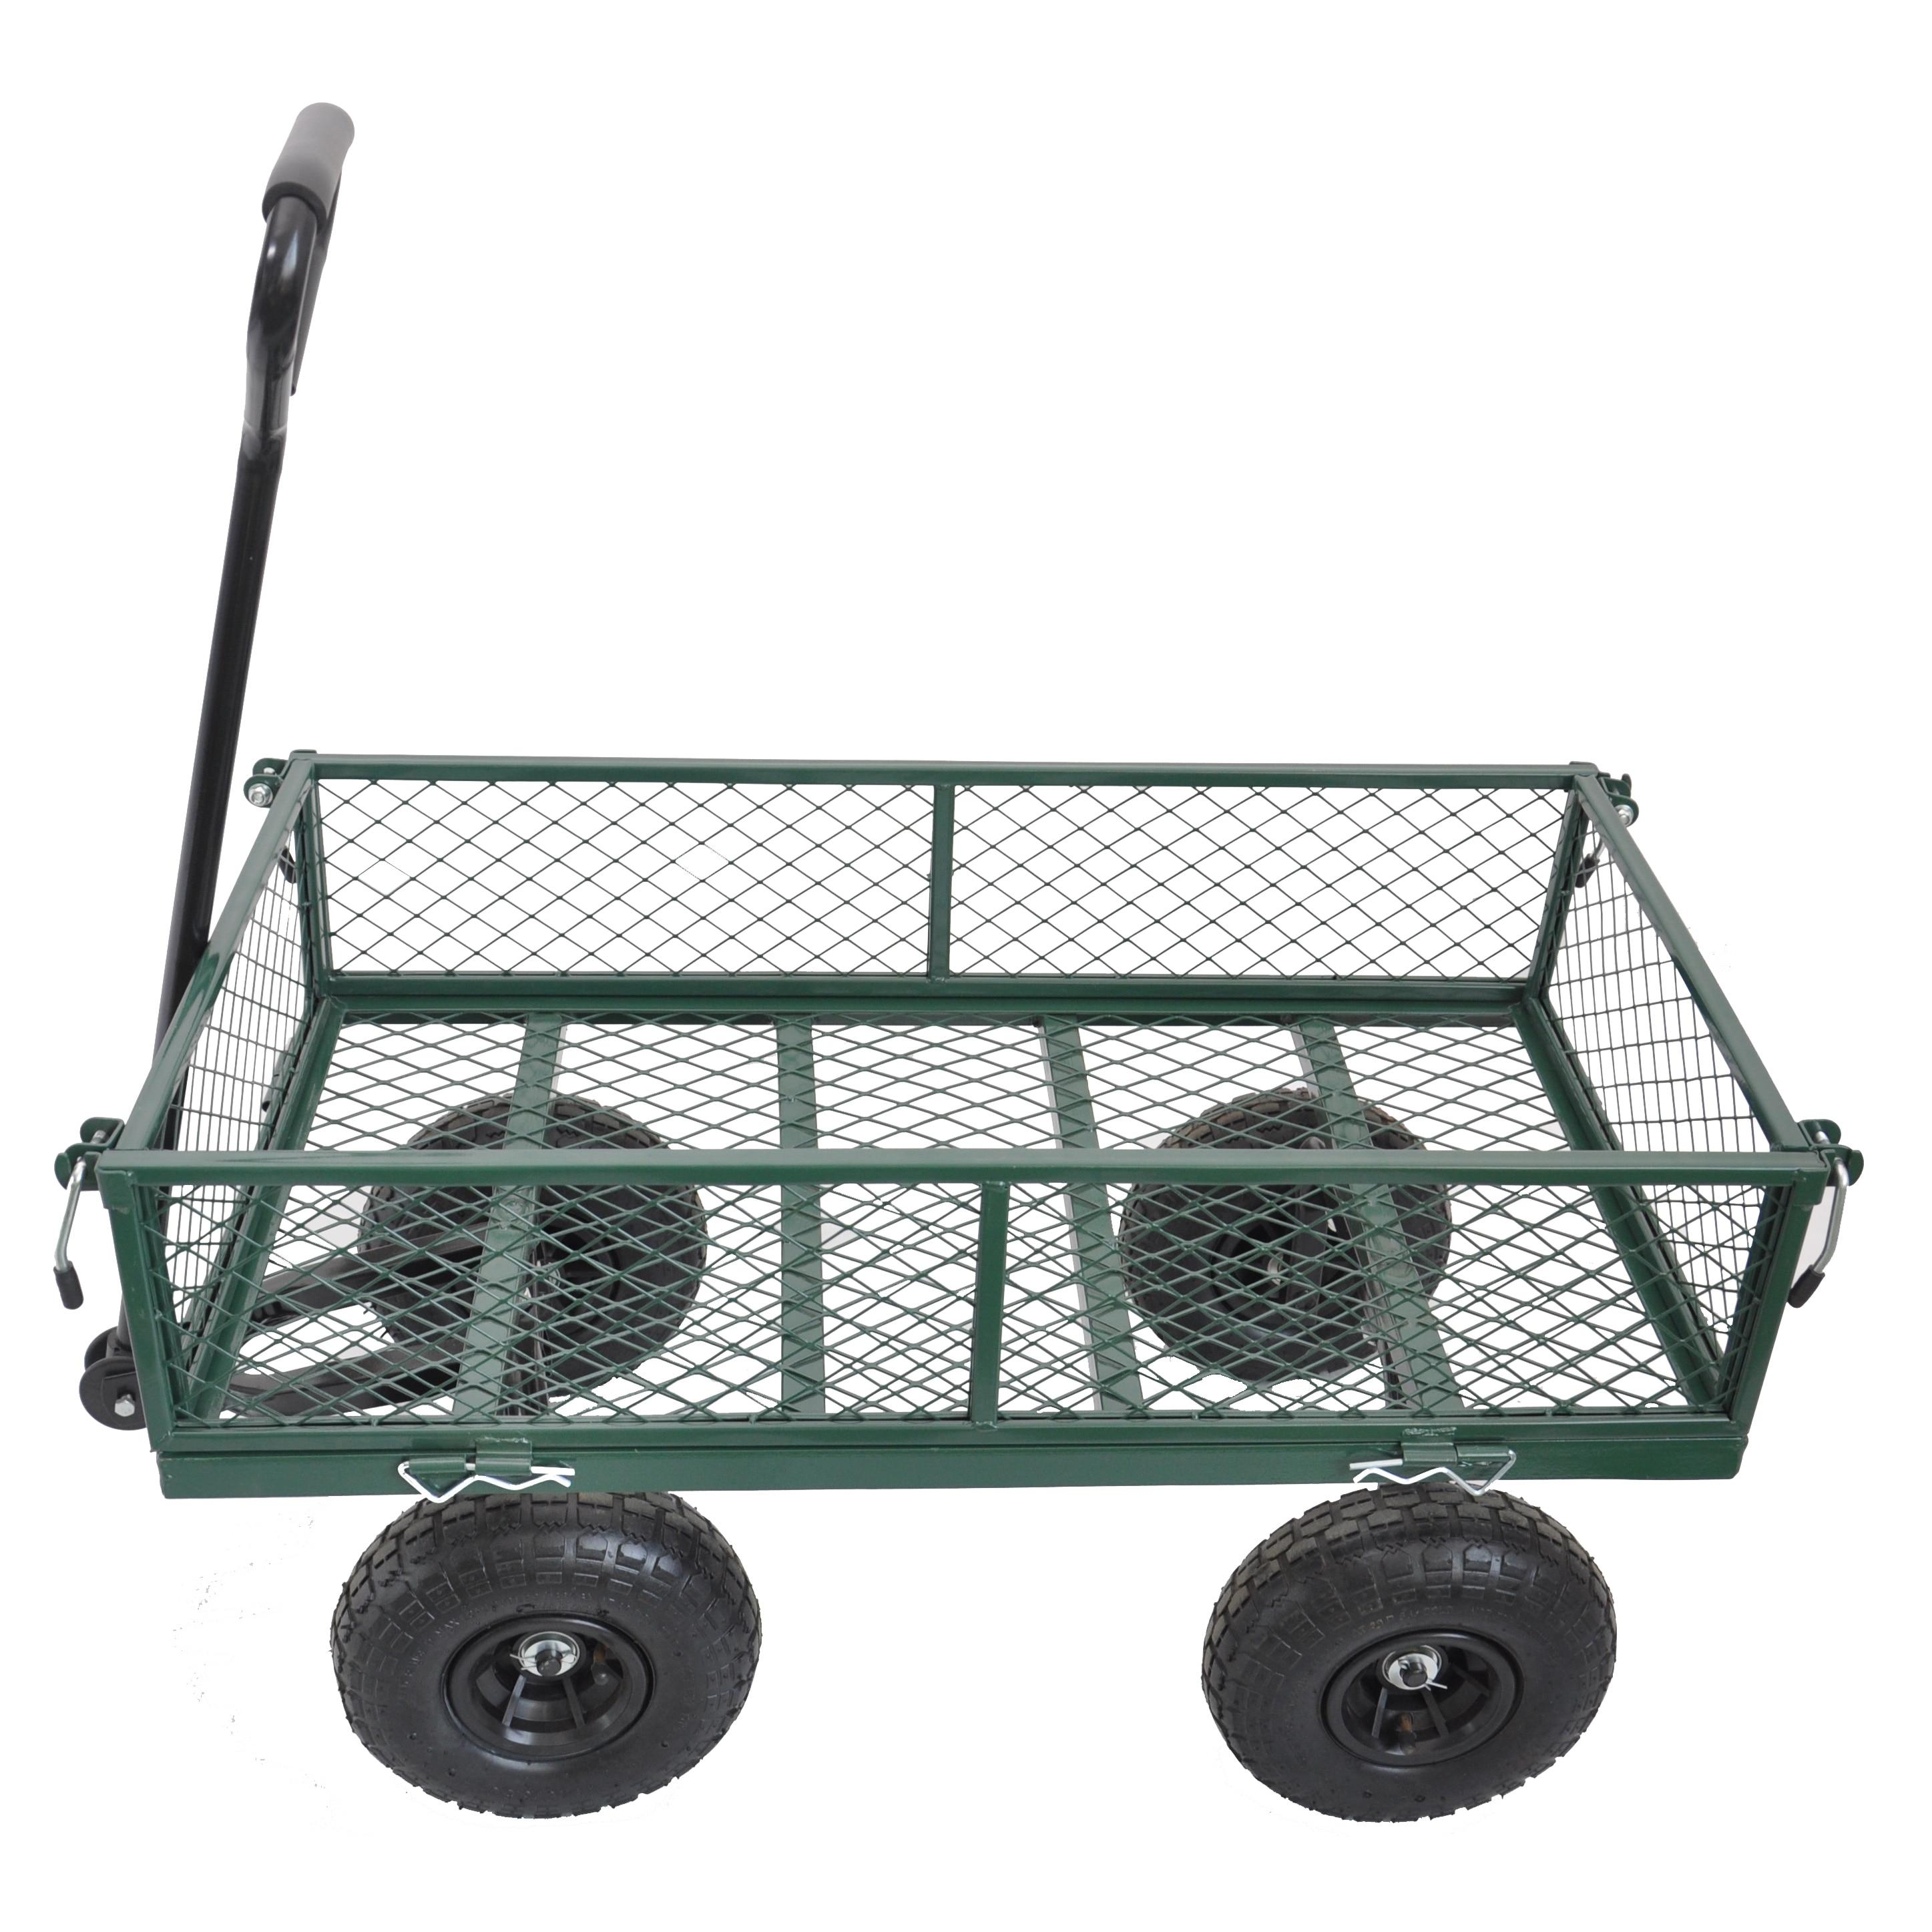 عربة البستنة المعدنية الثقيلة ، مقطورة خضراء ، عربة سحب ، شاحنات يدوية ، حديقة ، خارجية